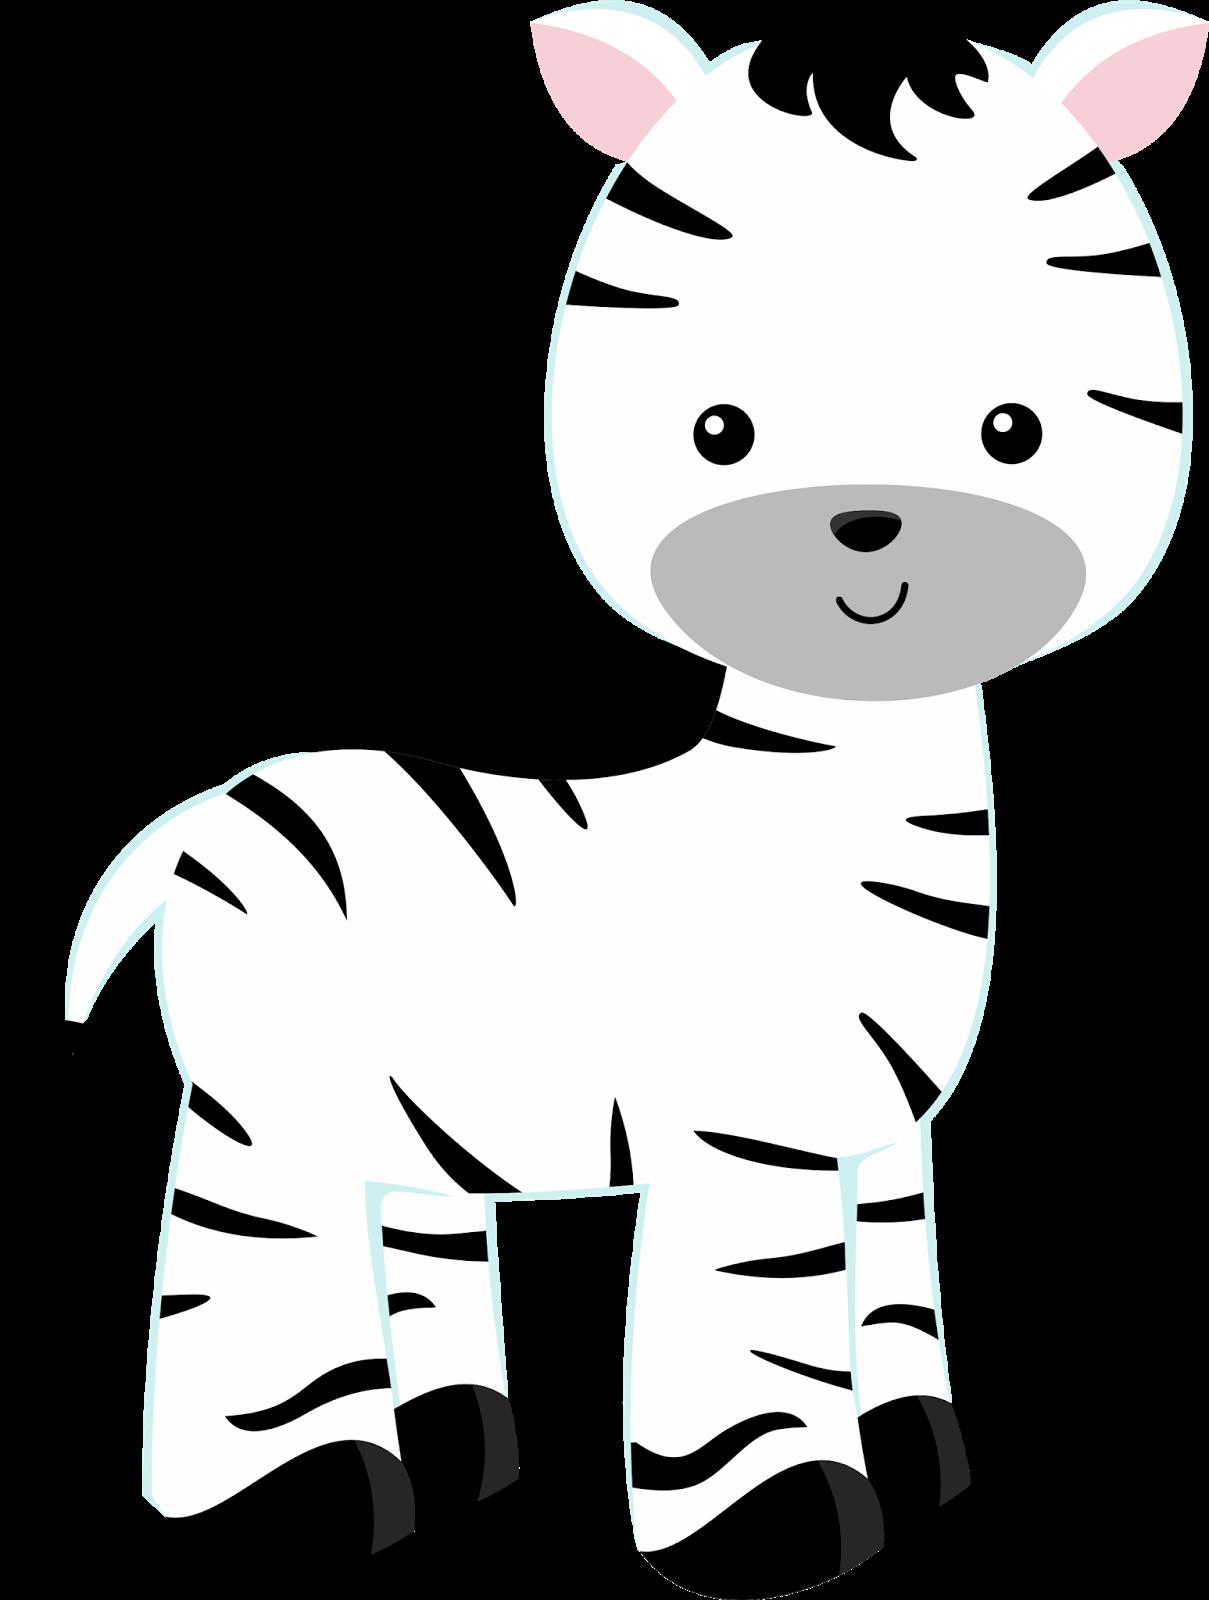 Clipart de Animales de la Selva Bebés. | cumples joaqui | Pinterest ...